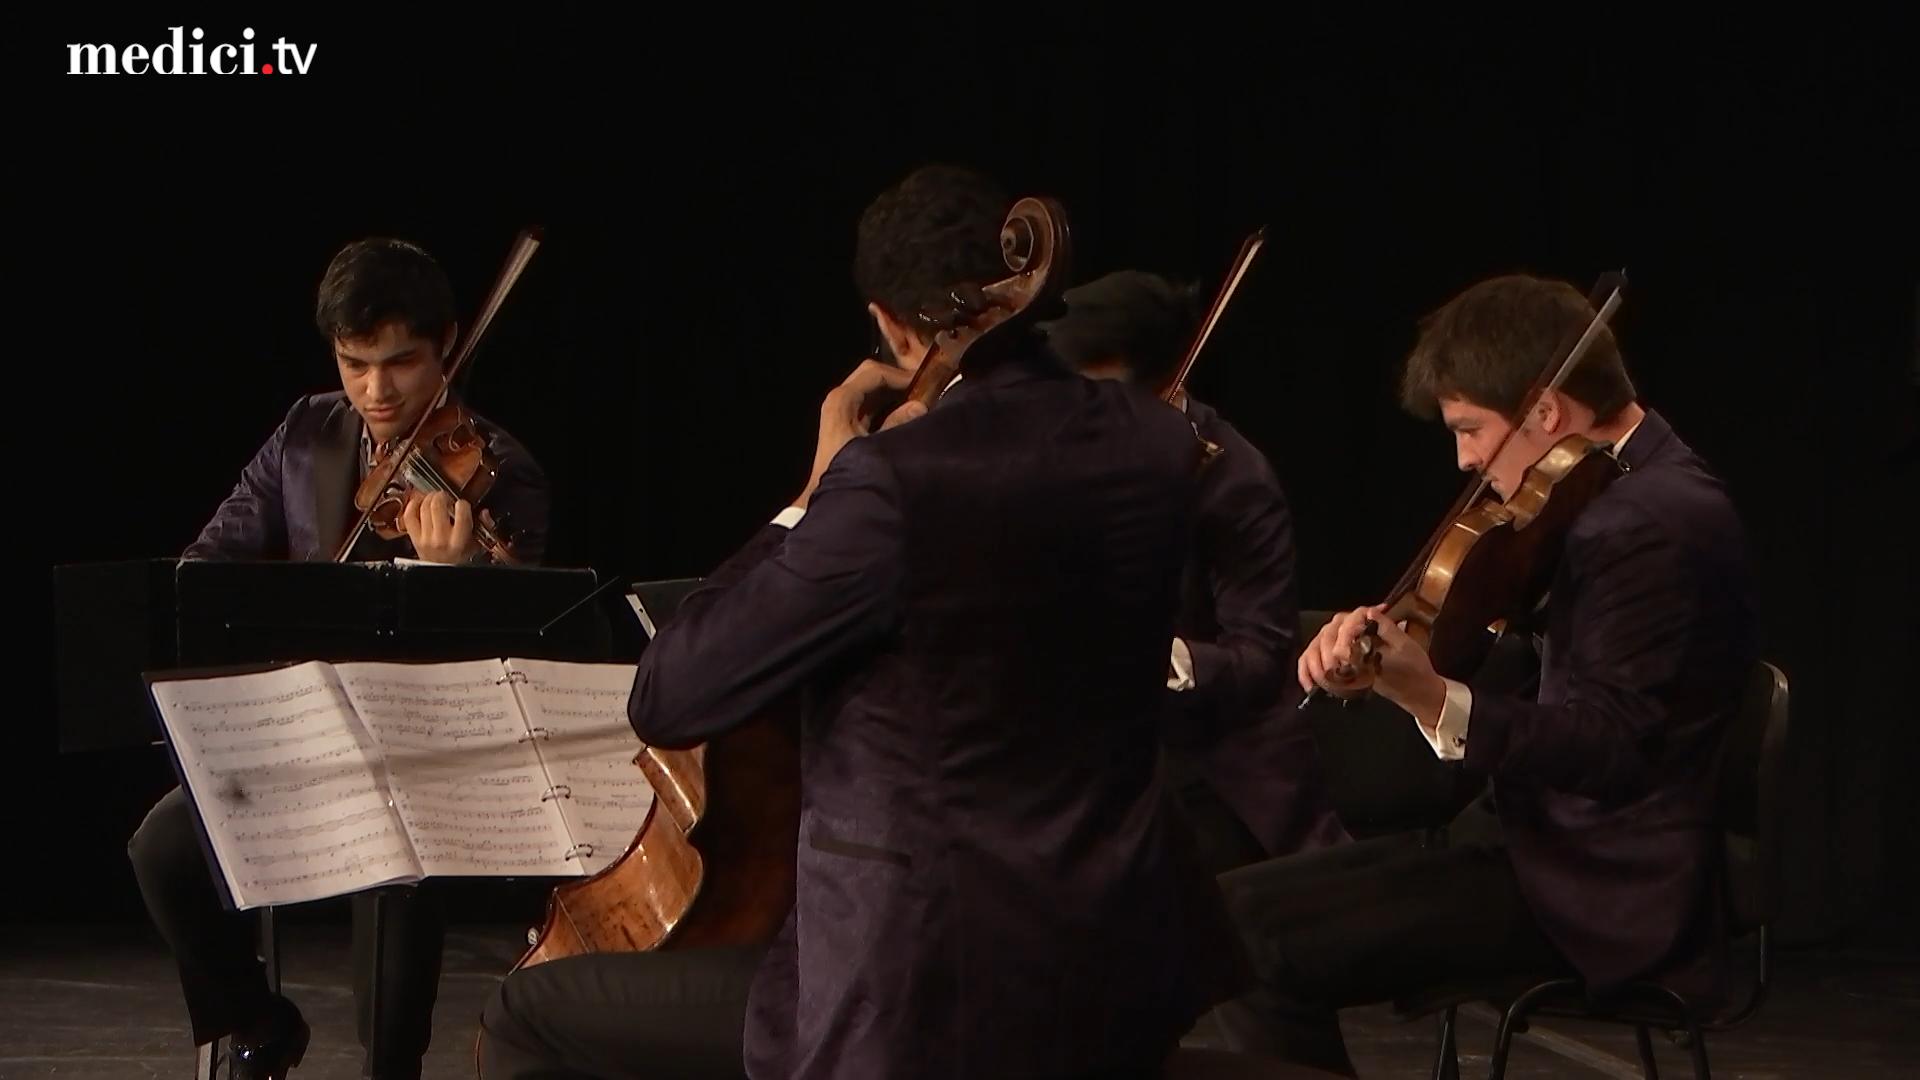 Sir András Schiff, Tabea Zimmermann et le Quatuor Arod interprètent Brahms et Schumann